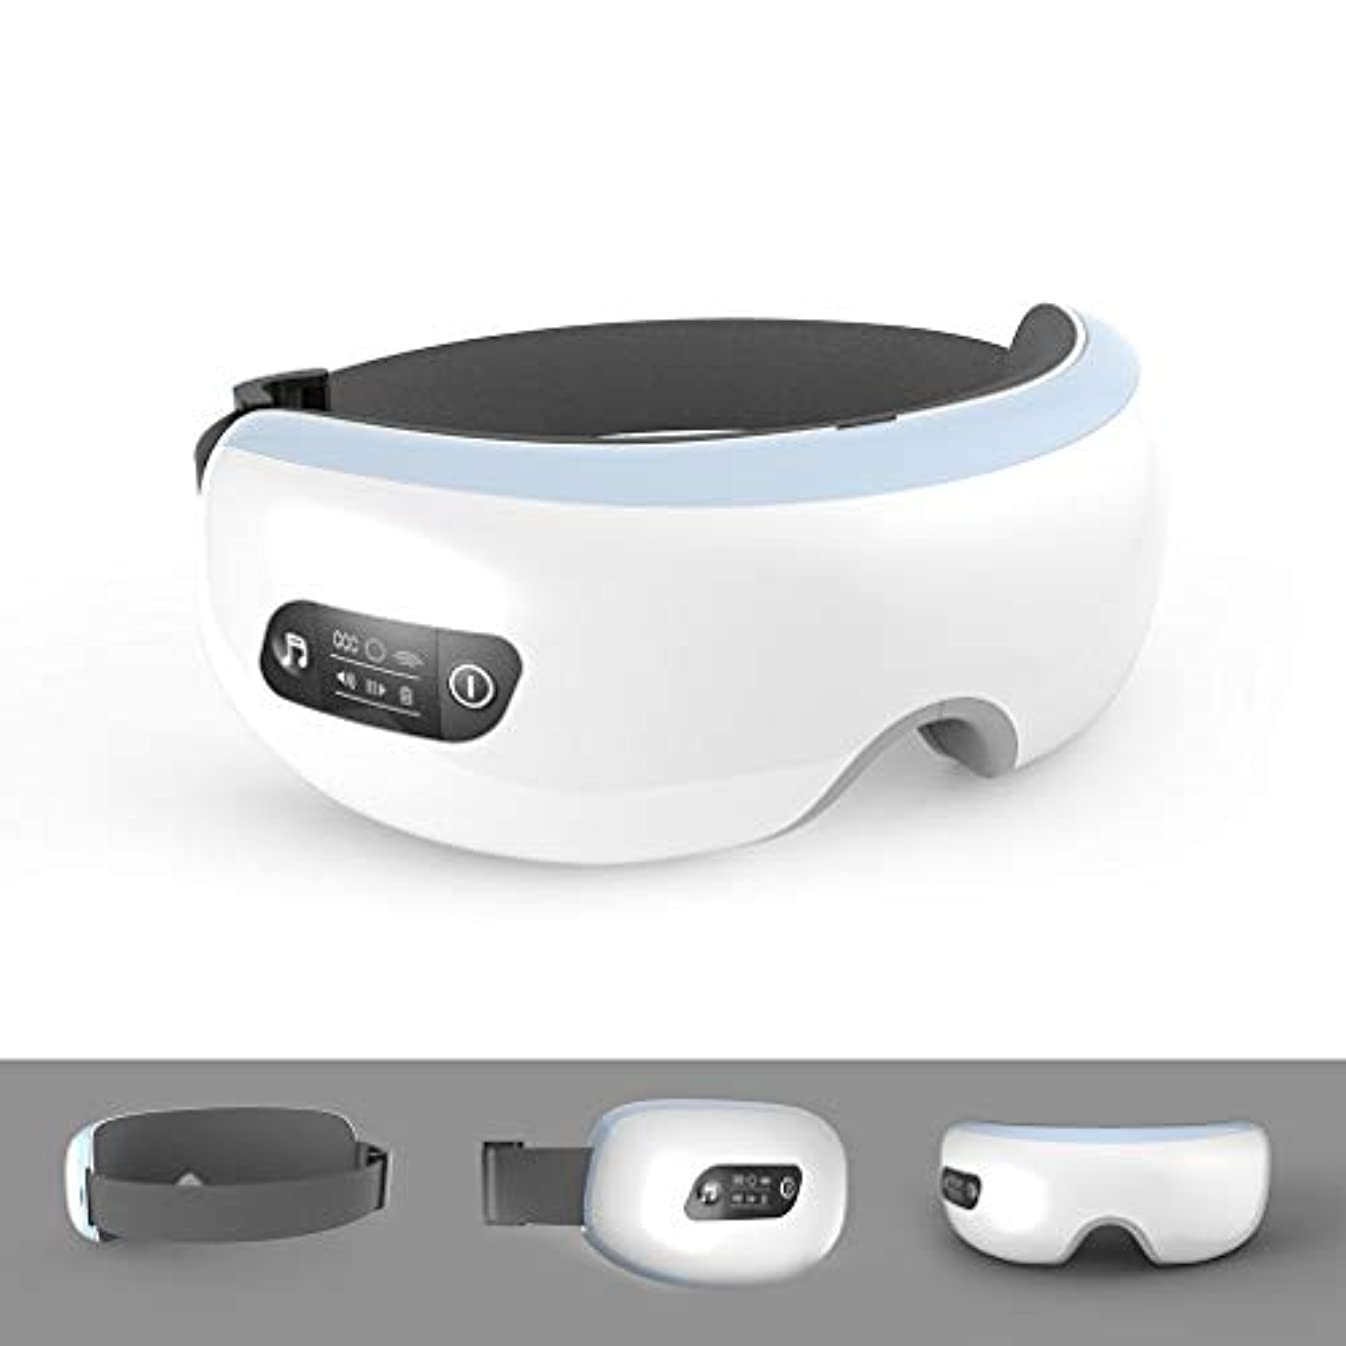 怒る名門ラフアイマッサージャープレッシャー付アイマッサージャー振動マッサージミュージック赤外線温熱療法ポータブル機能アイバッグを排除、アイ磁気遠赤外線加熱ケア